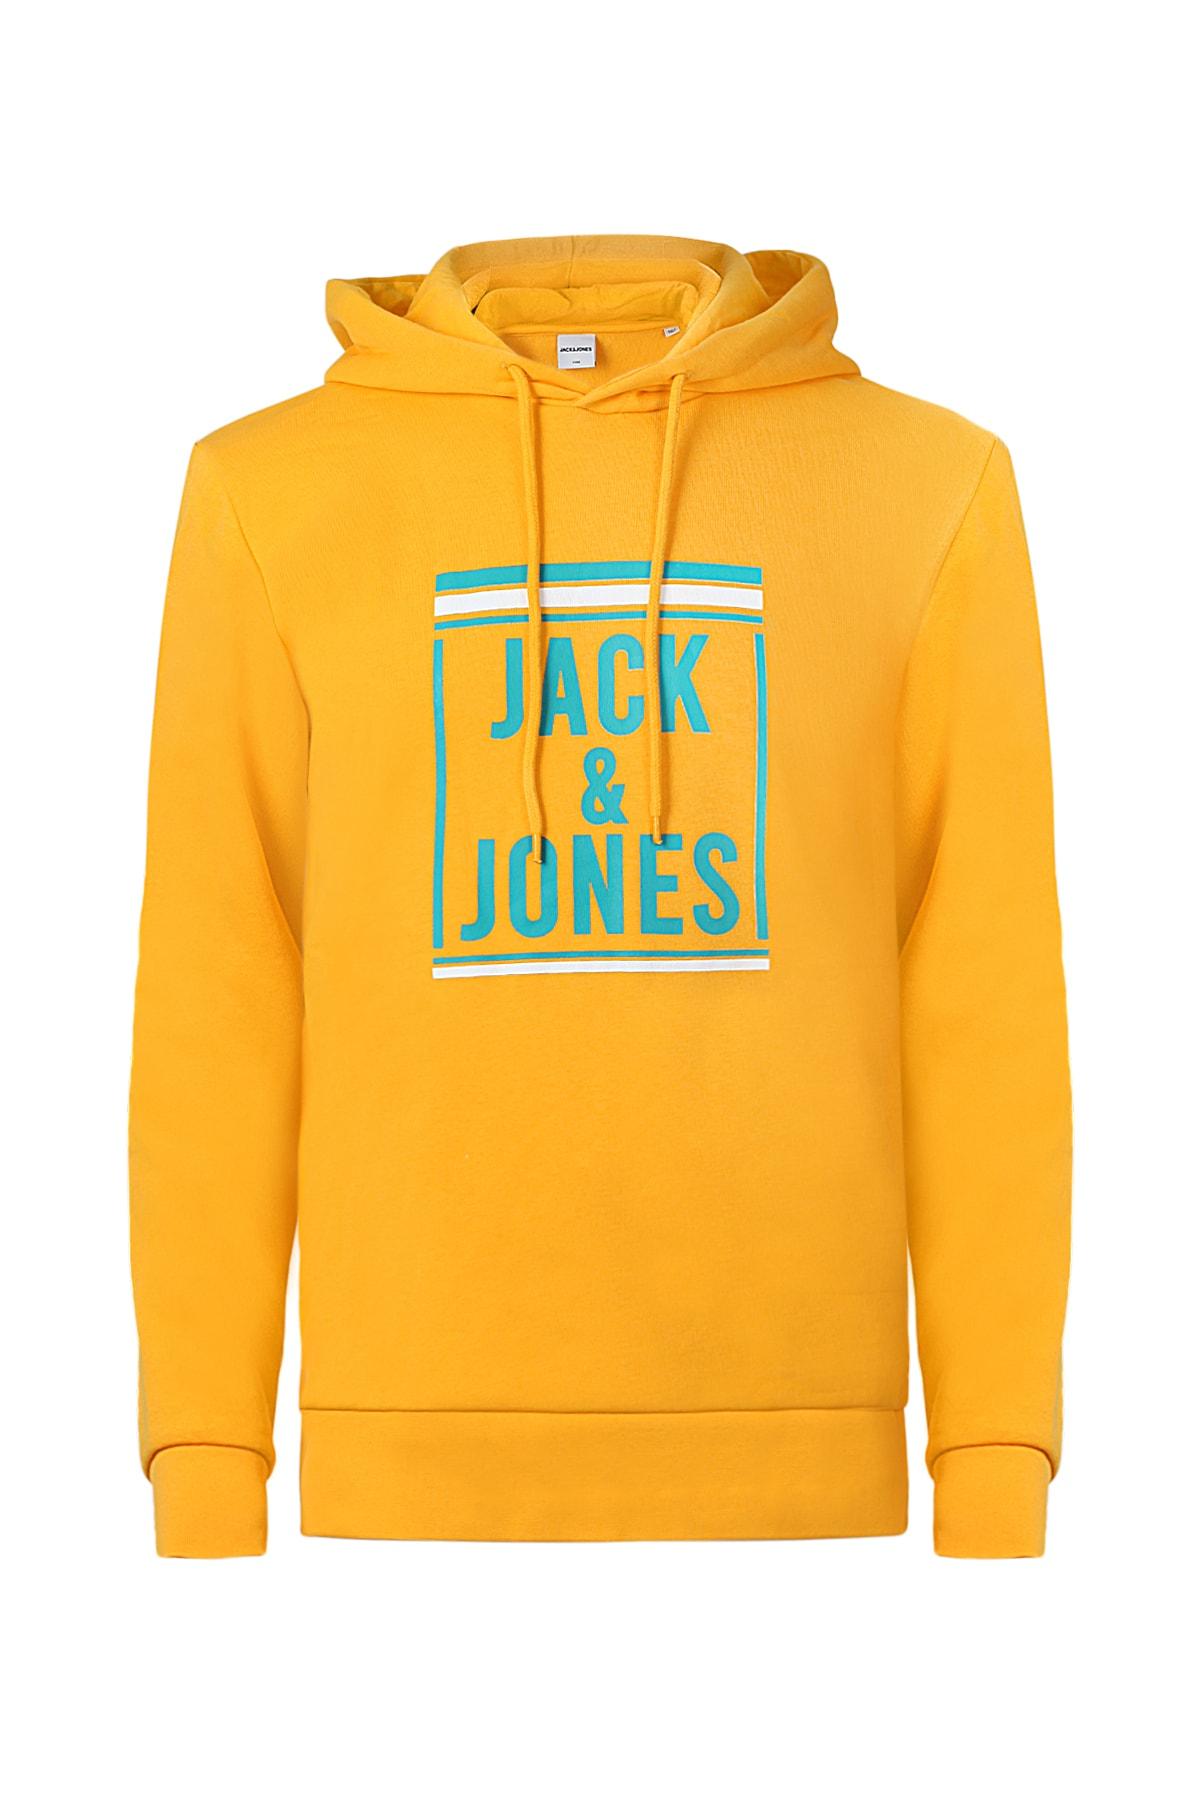 Jack & Jones Sweatshirt 12193065 Jcotap 1